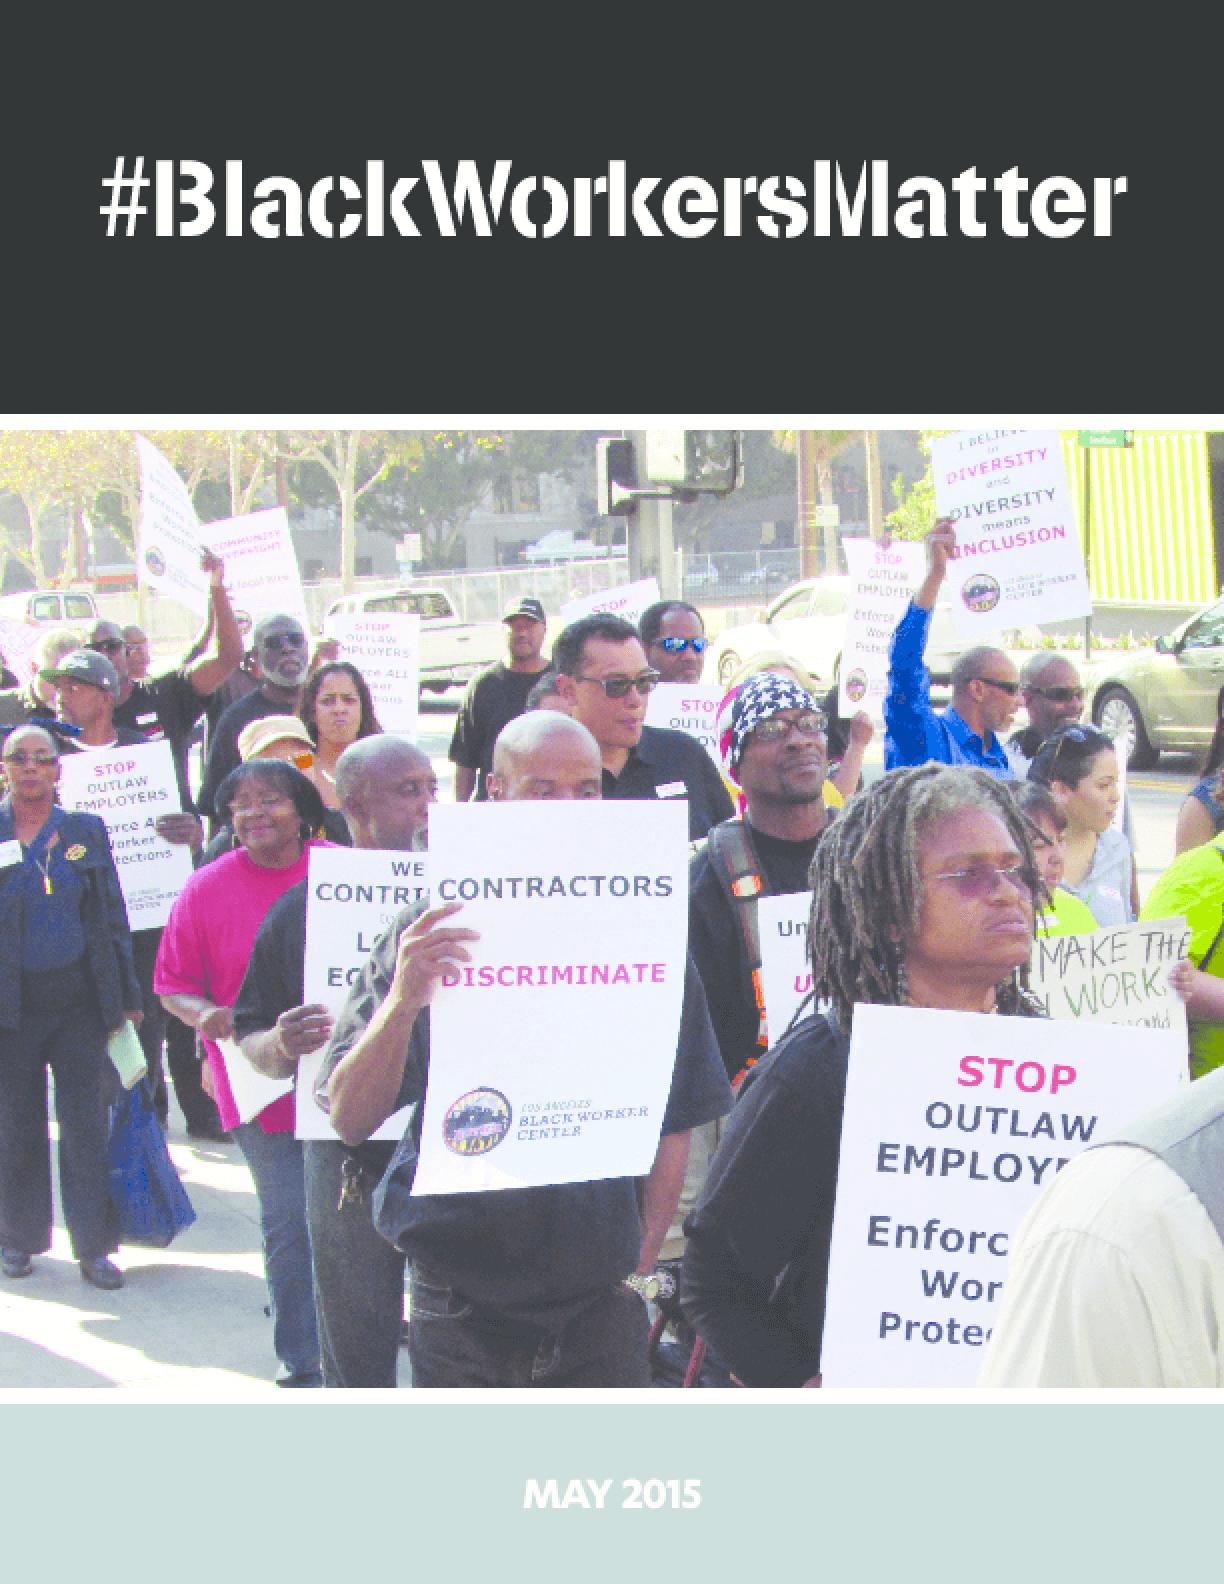 #BlackWorkersMatter